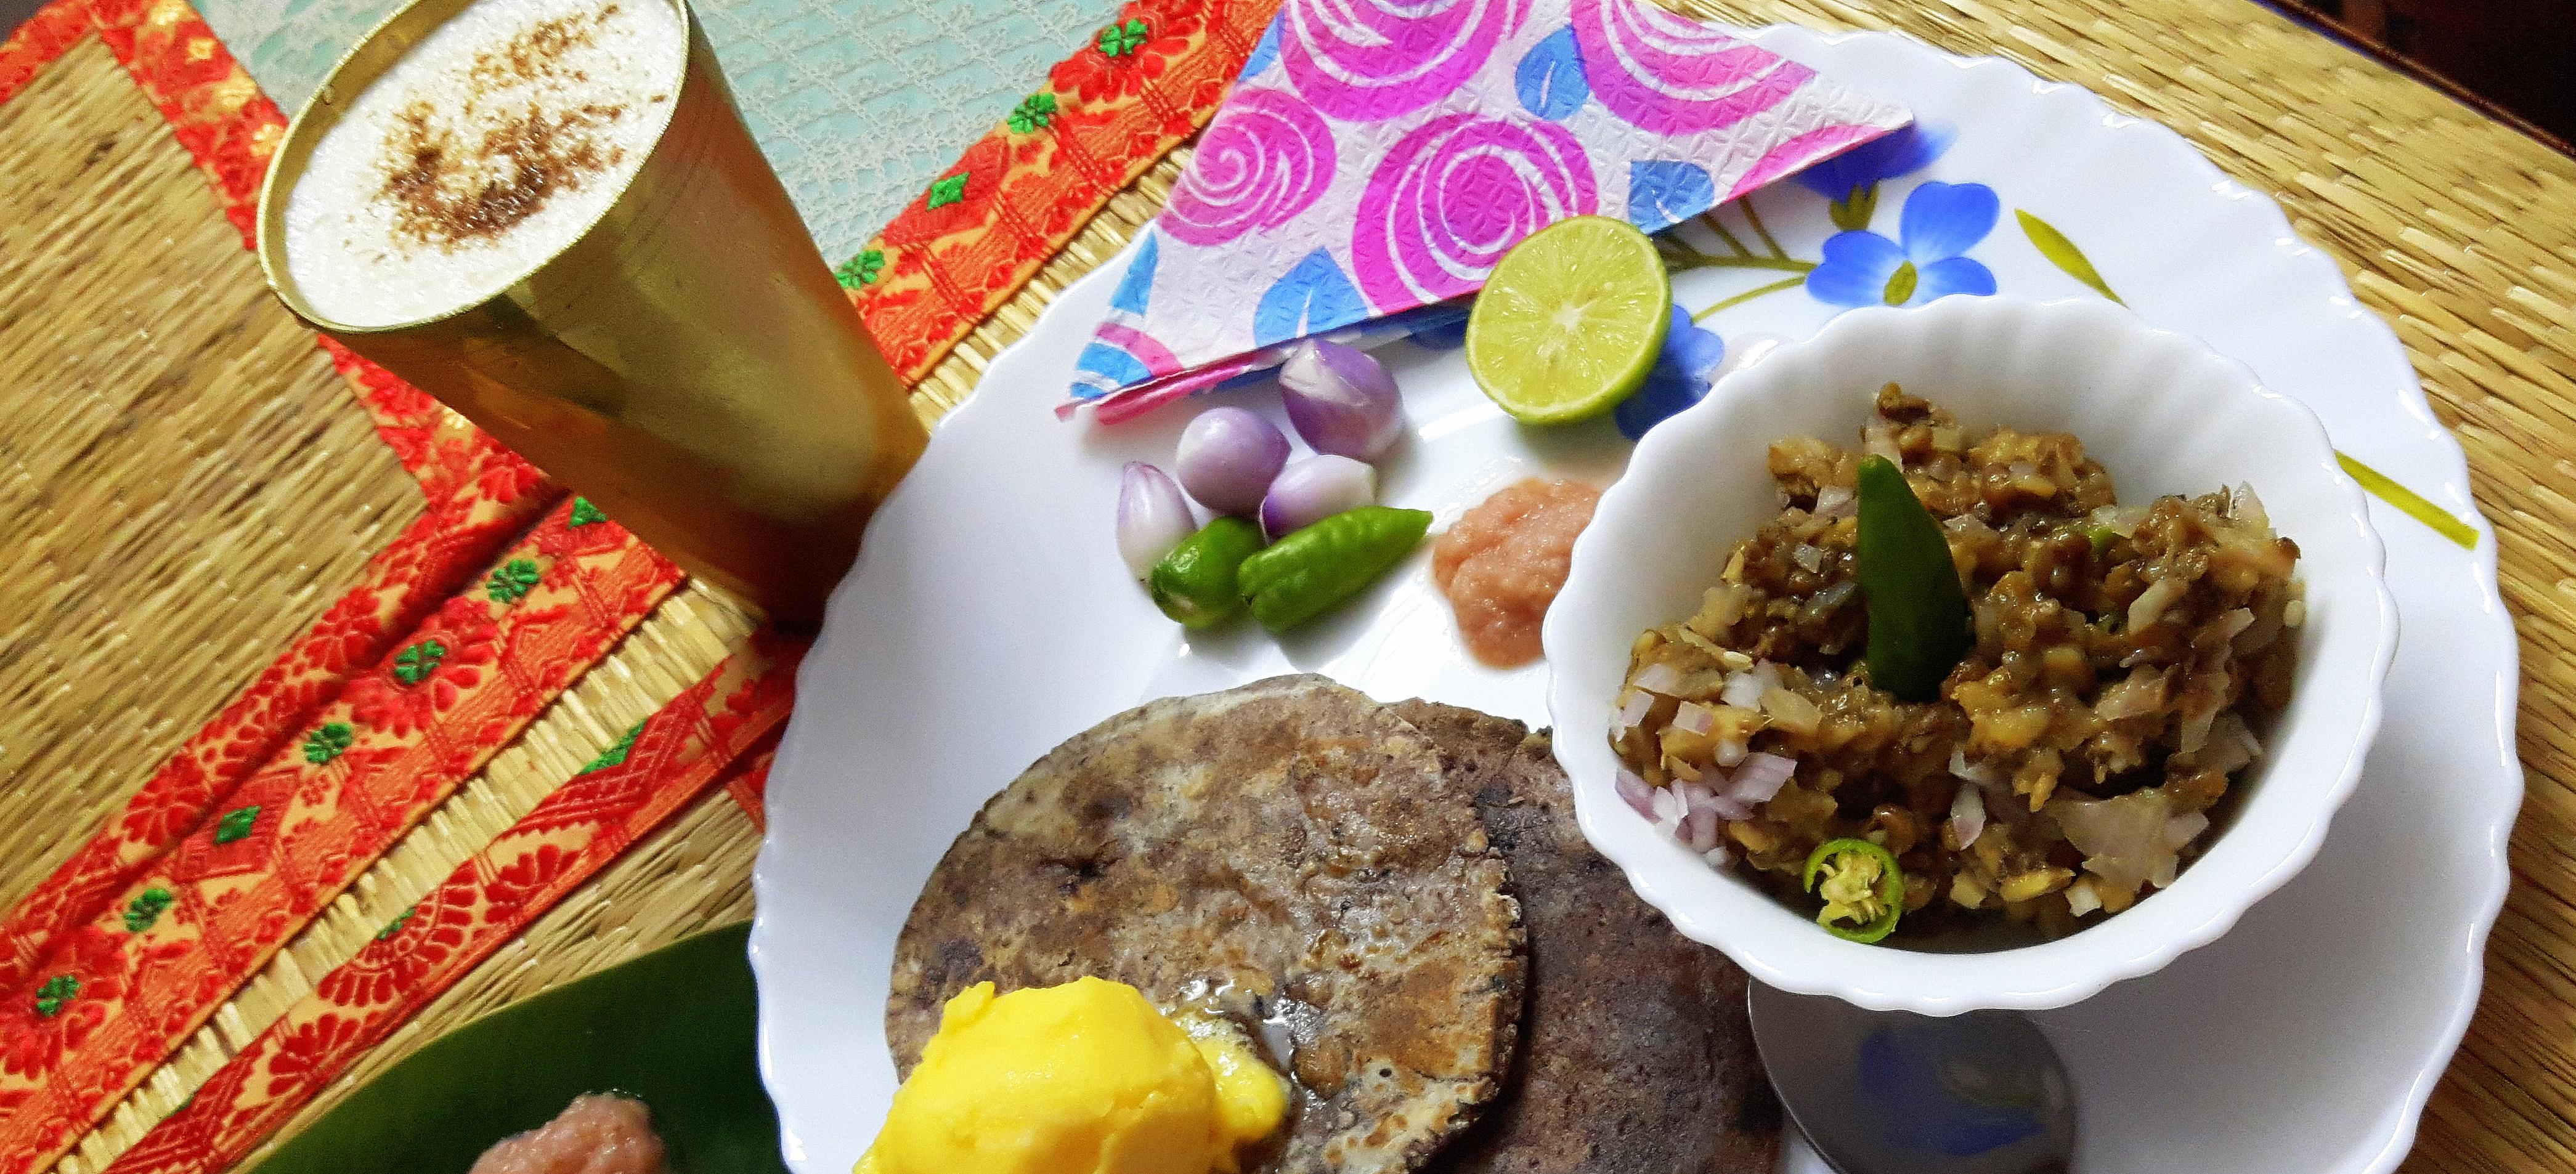 Mung (green gram) ka bharta/chokha